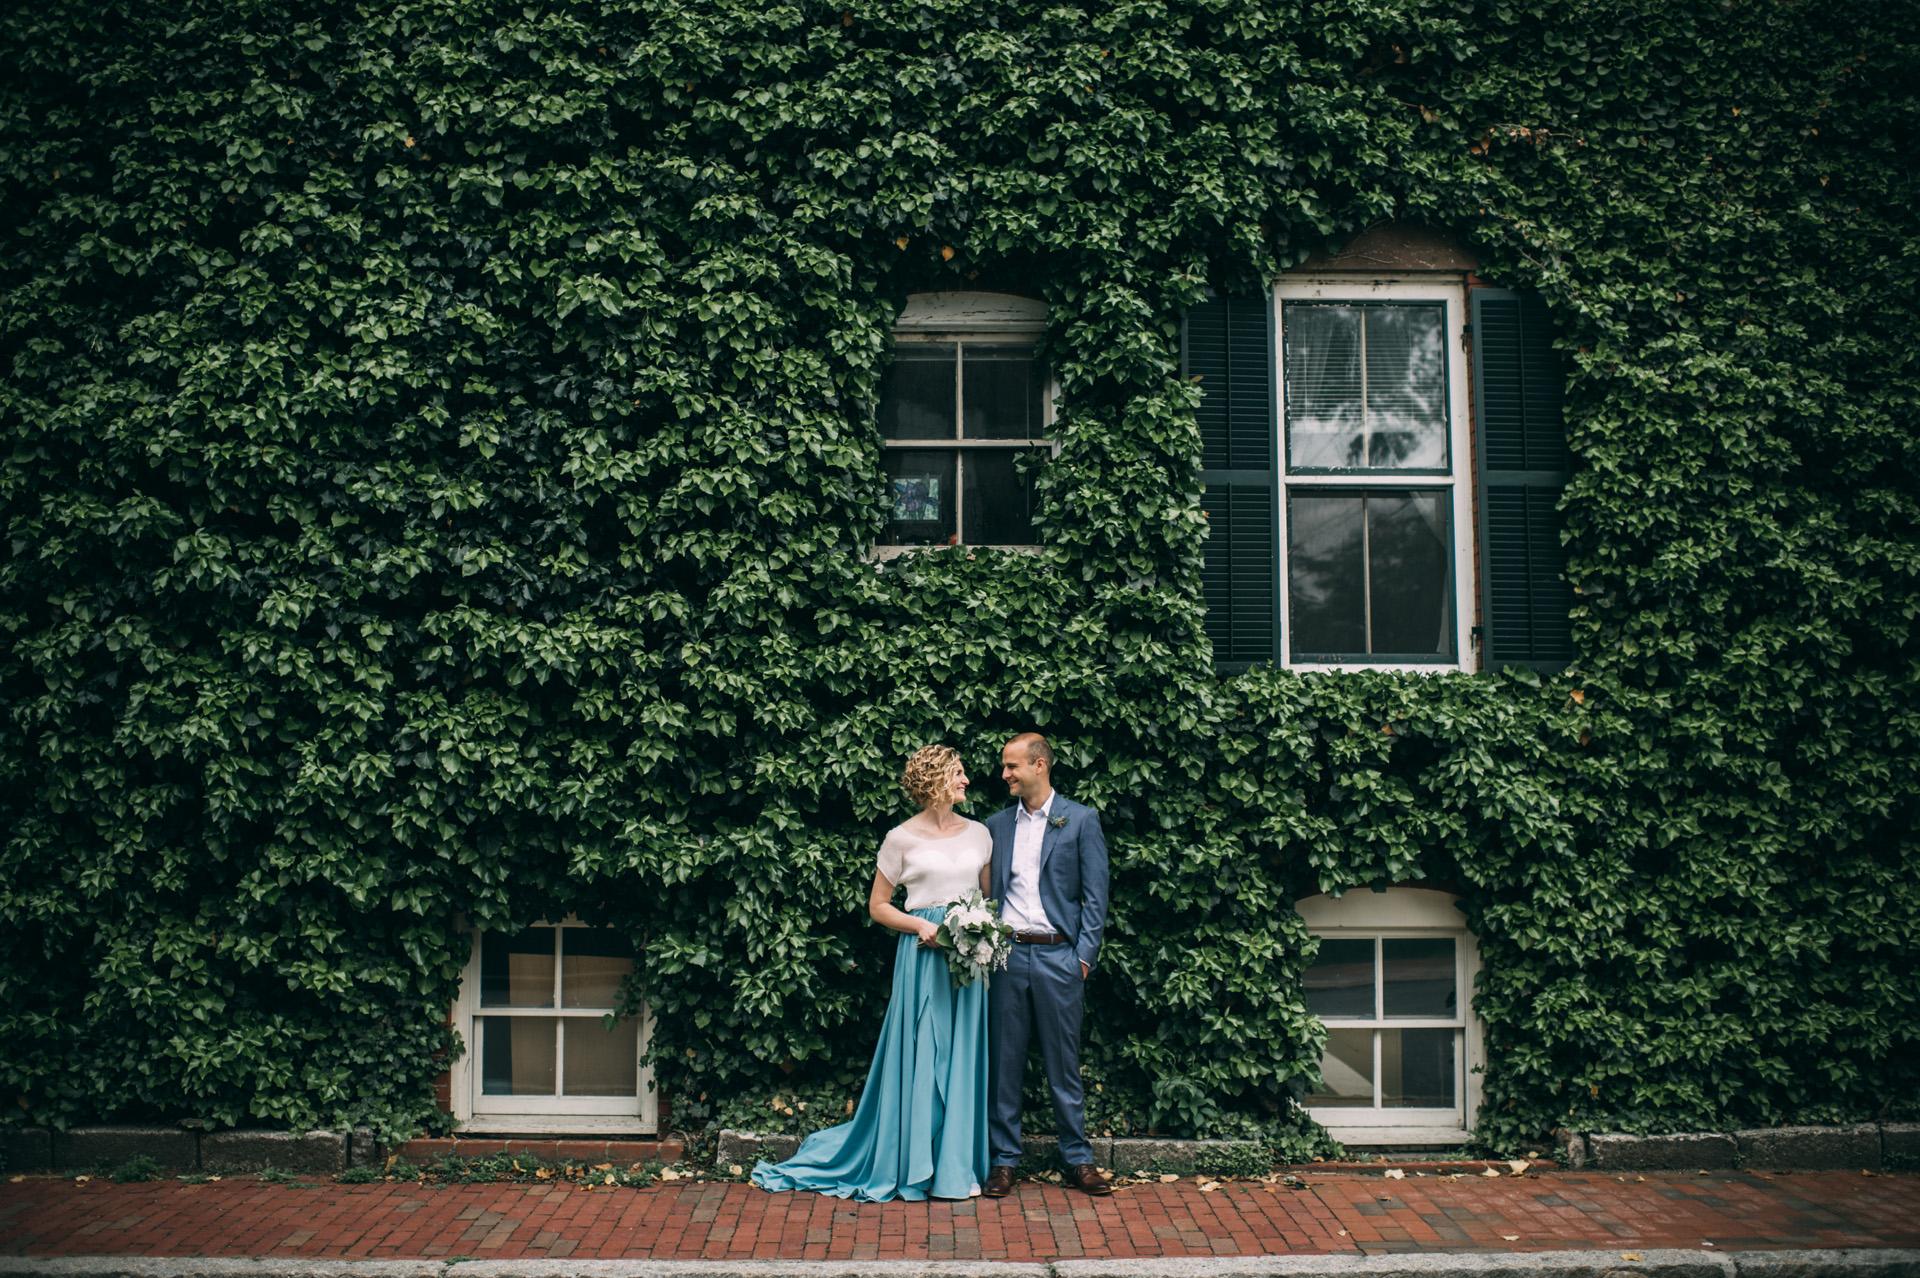 alden-harlow-wedding-photographer-36